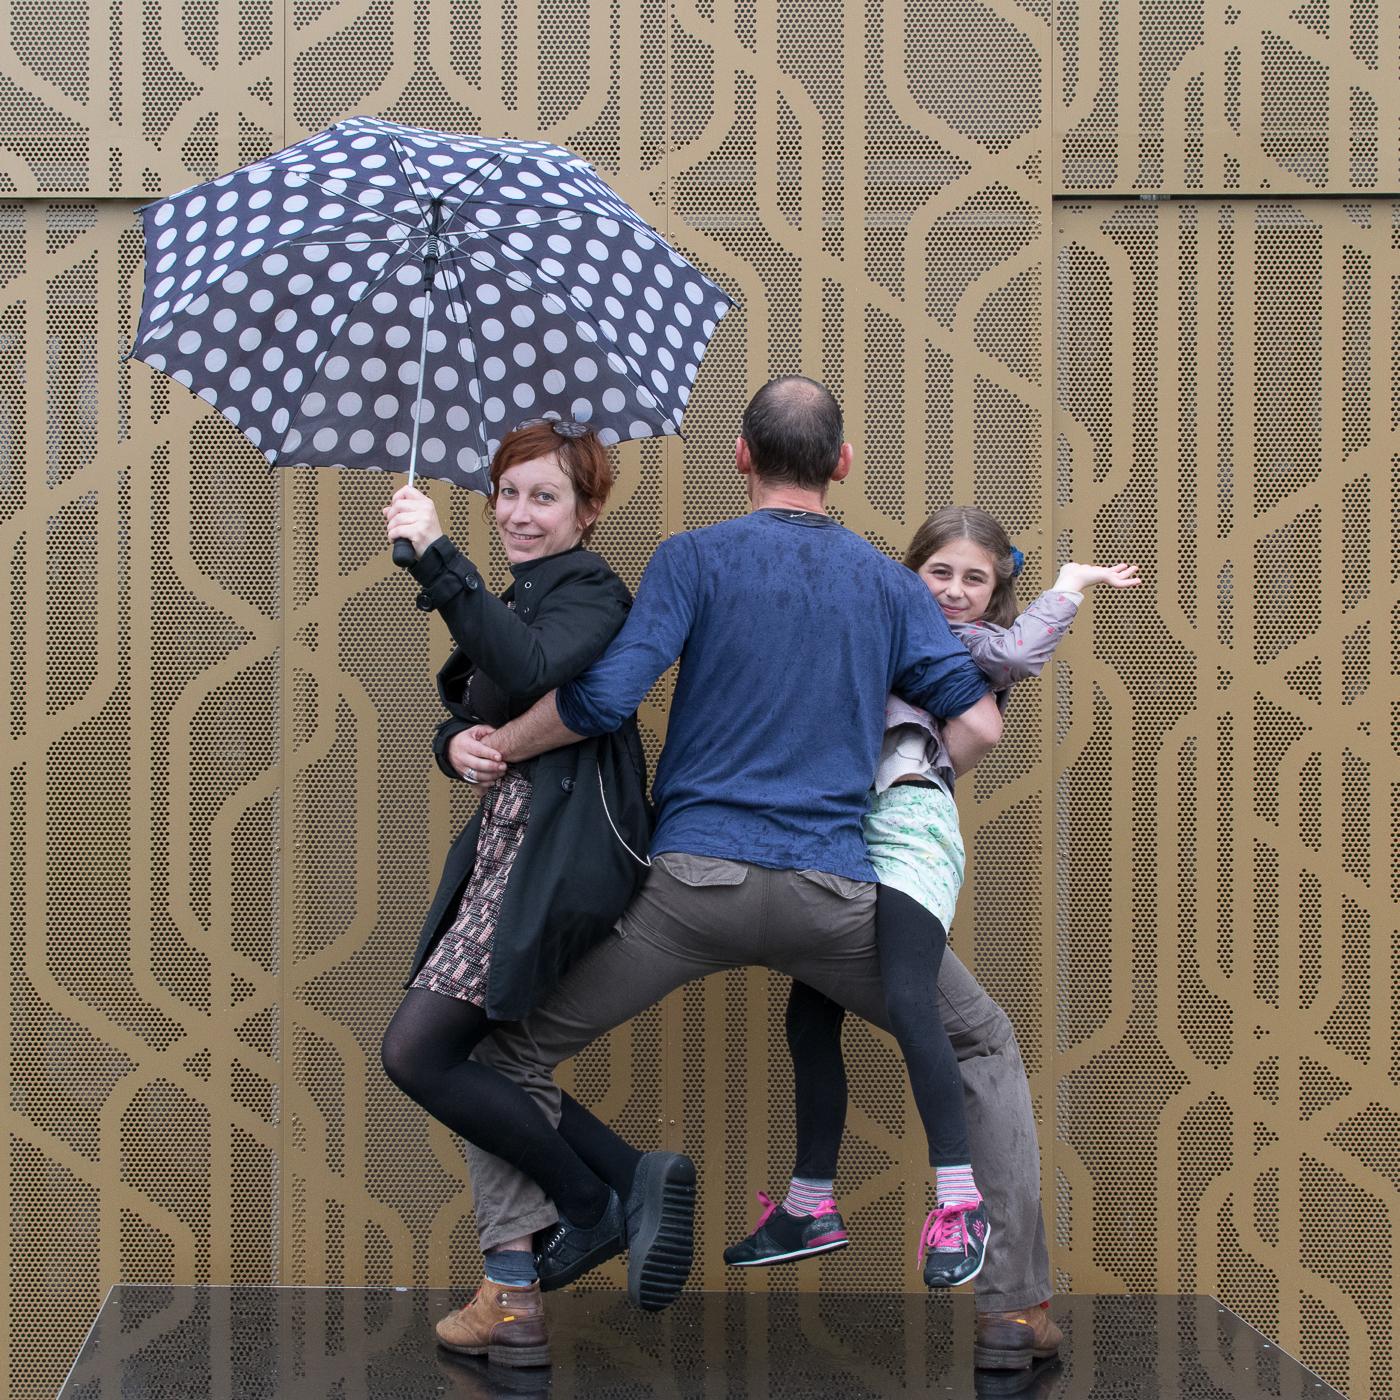 Parapluies 2016 - 1 parapluie pour 3